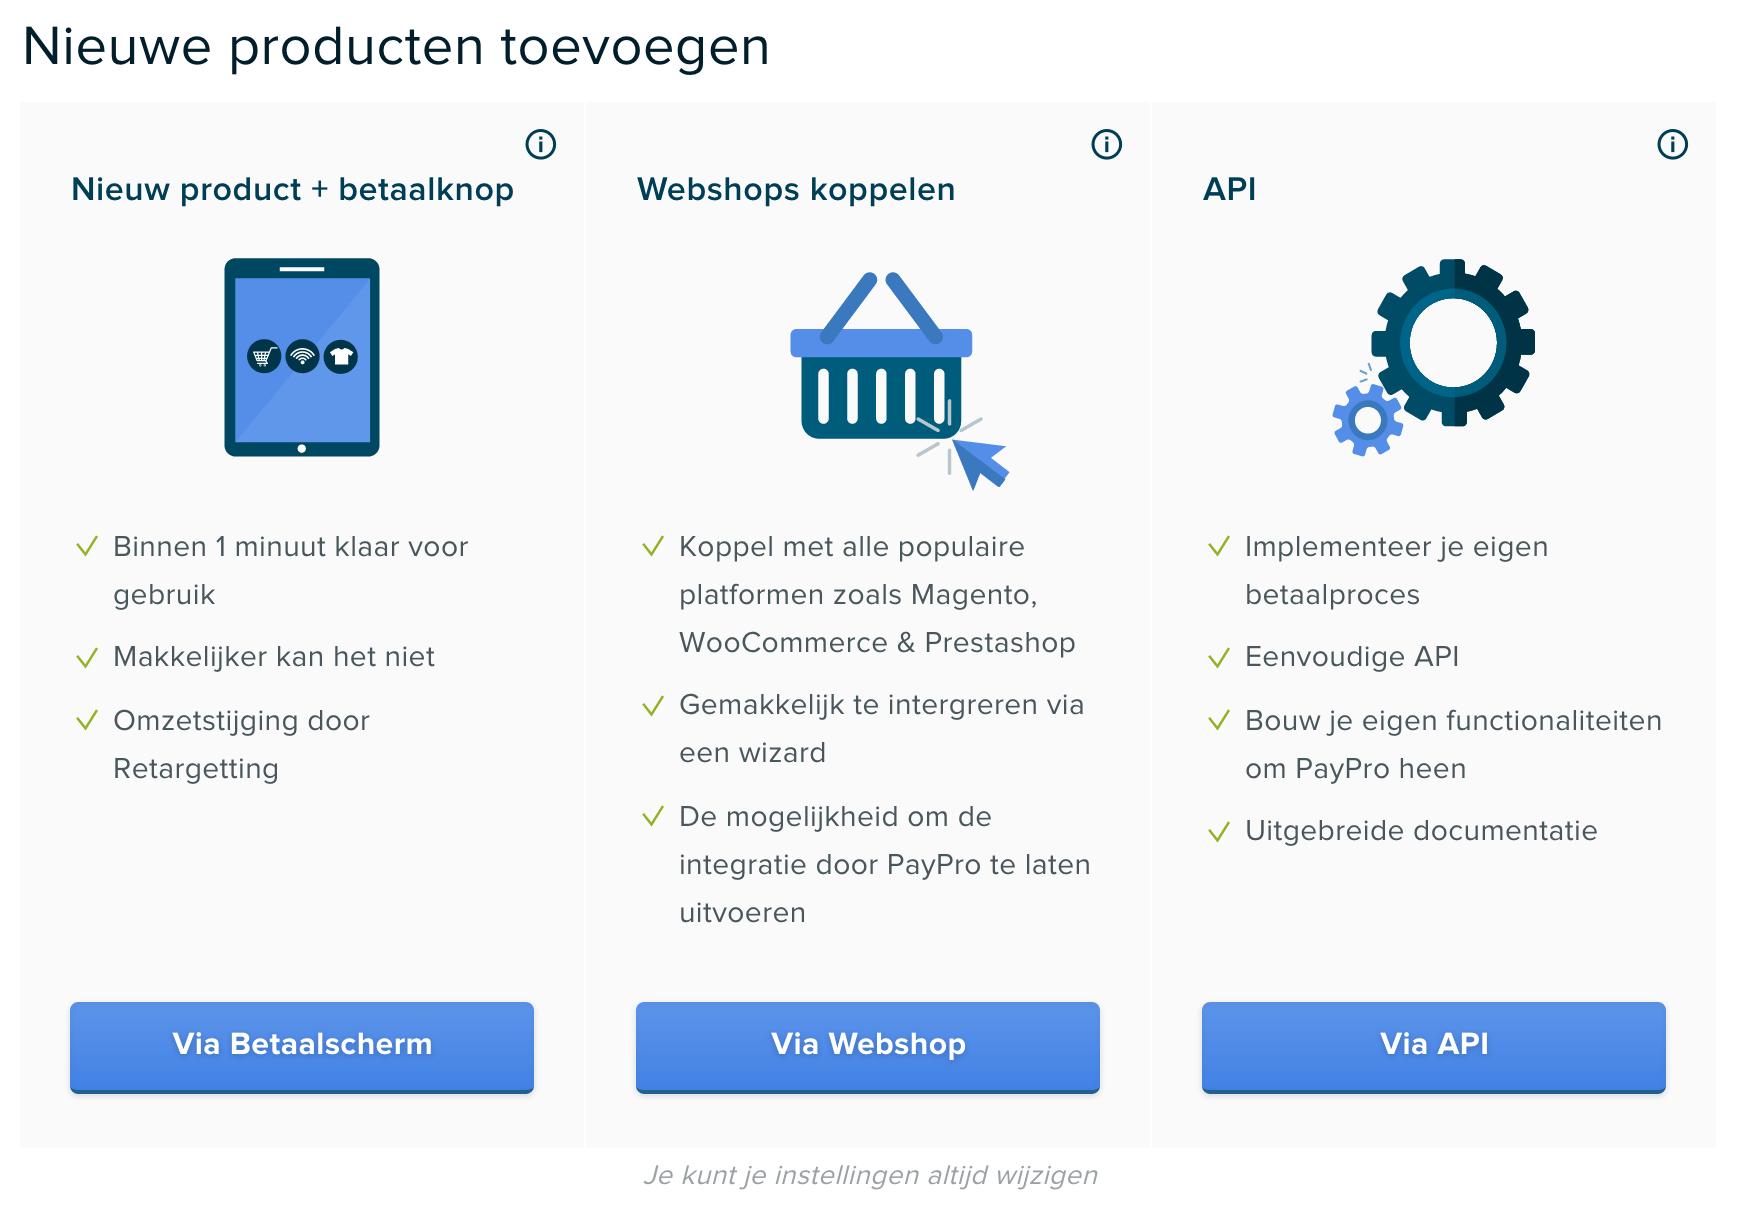 paypro-nieuw-product-toevoegen